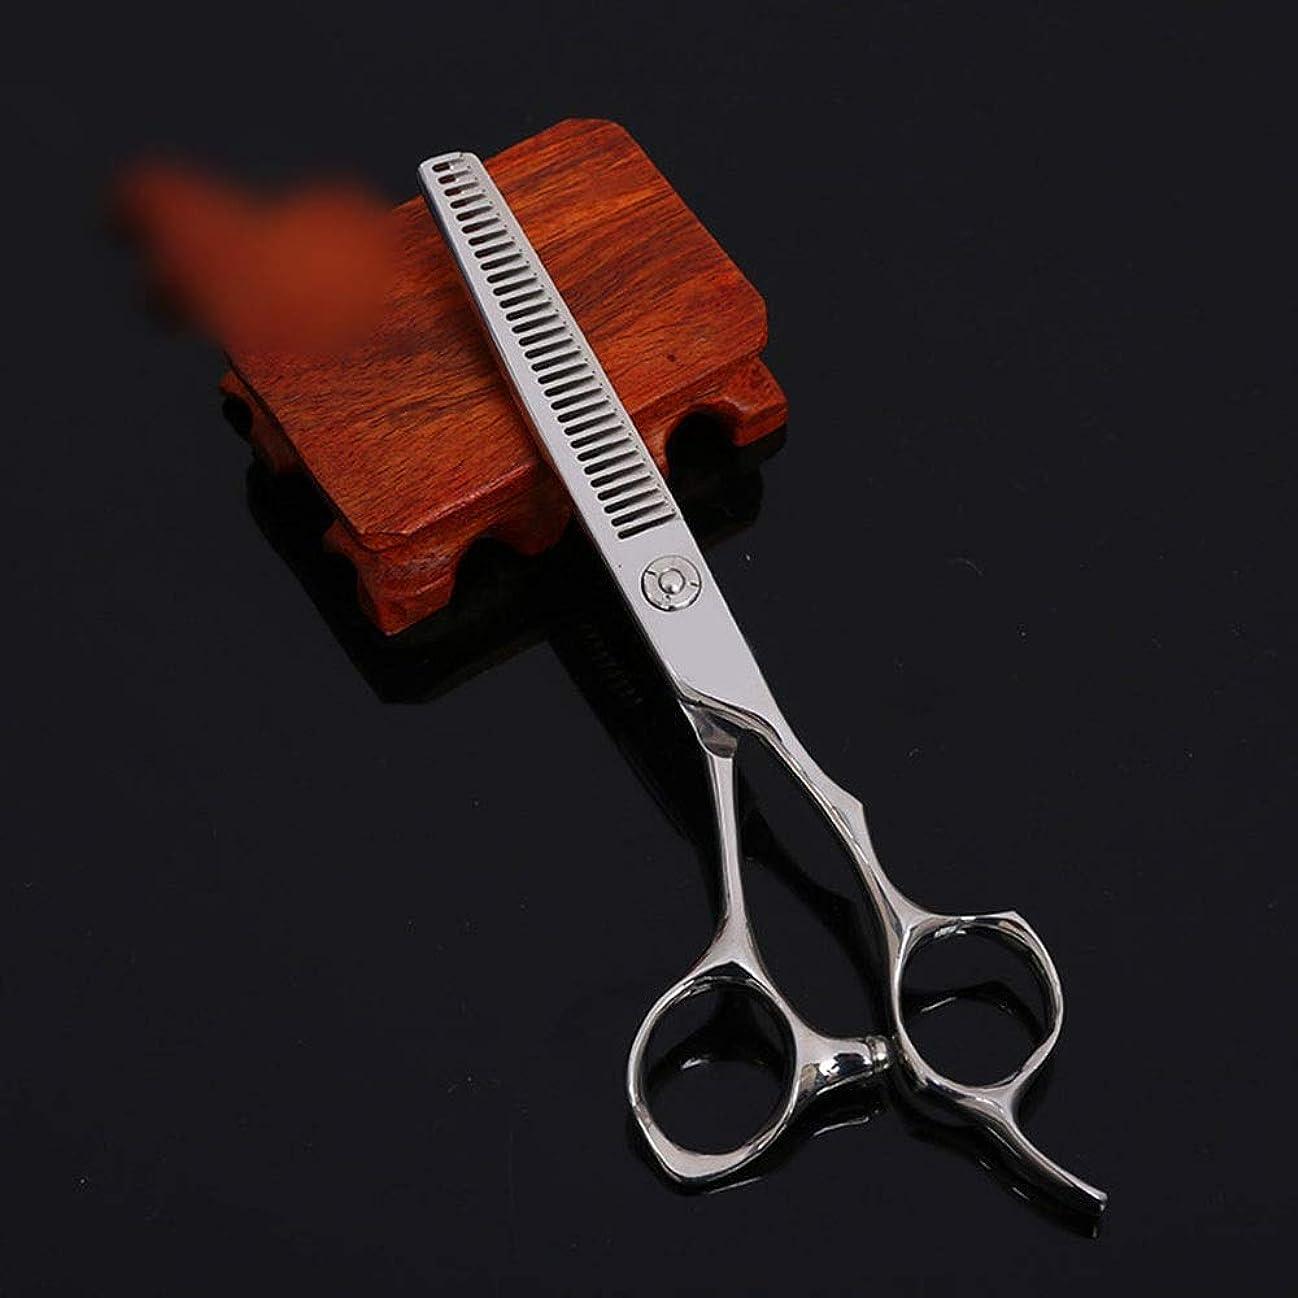 スペシャリスト歌詞断言する6インチ美容院プロフェッショナル理髪はさみ、歯切断高品質理髪ツールはさみ モデリングツール (色 : Silver)